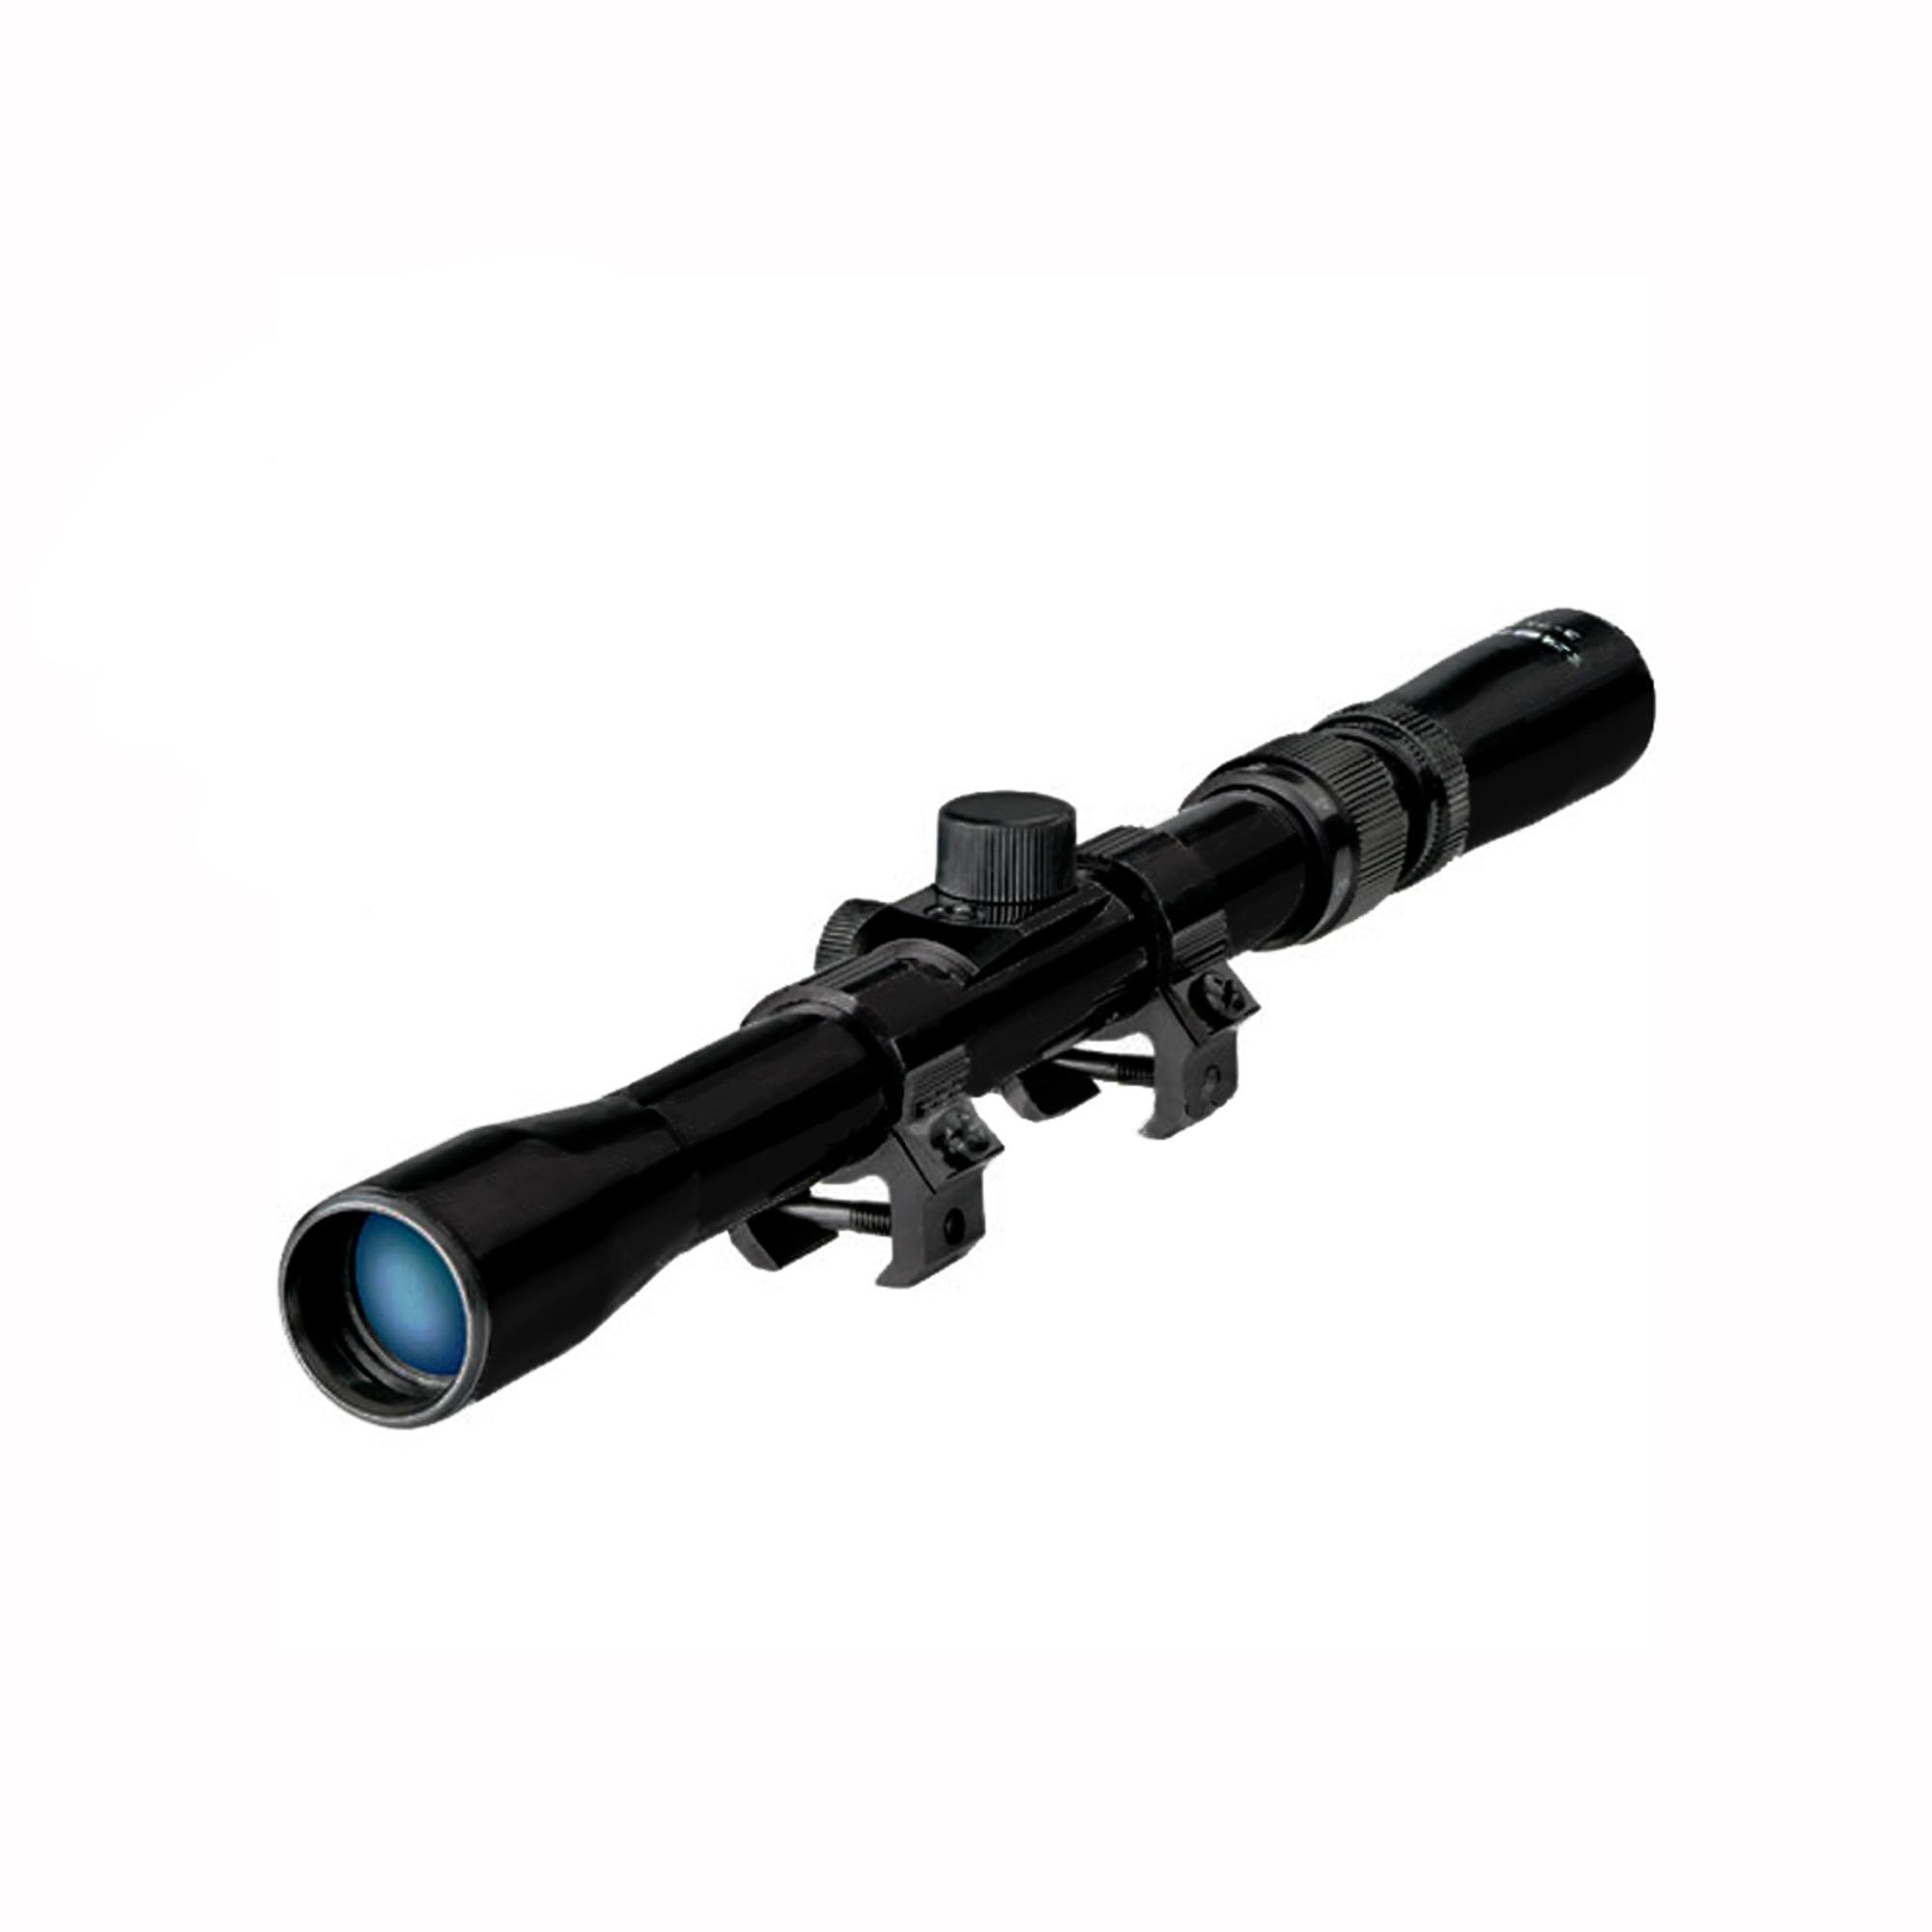 Tasco Tasco Rimfire Scope 3-7x20mm, Black, 30 30 Reticle by Tasco